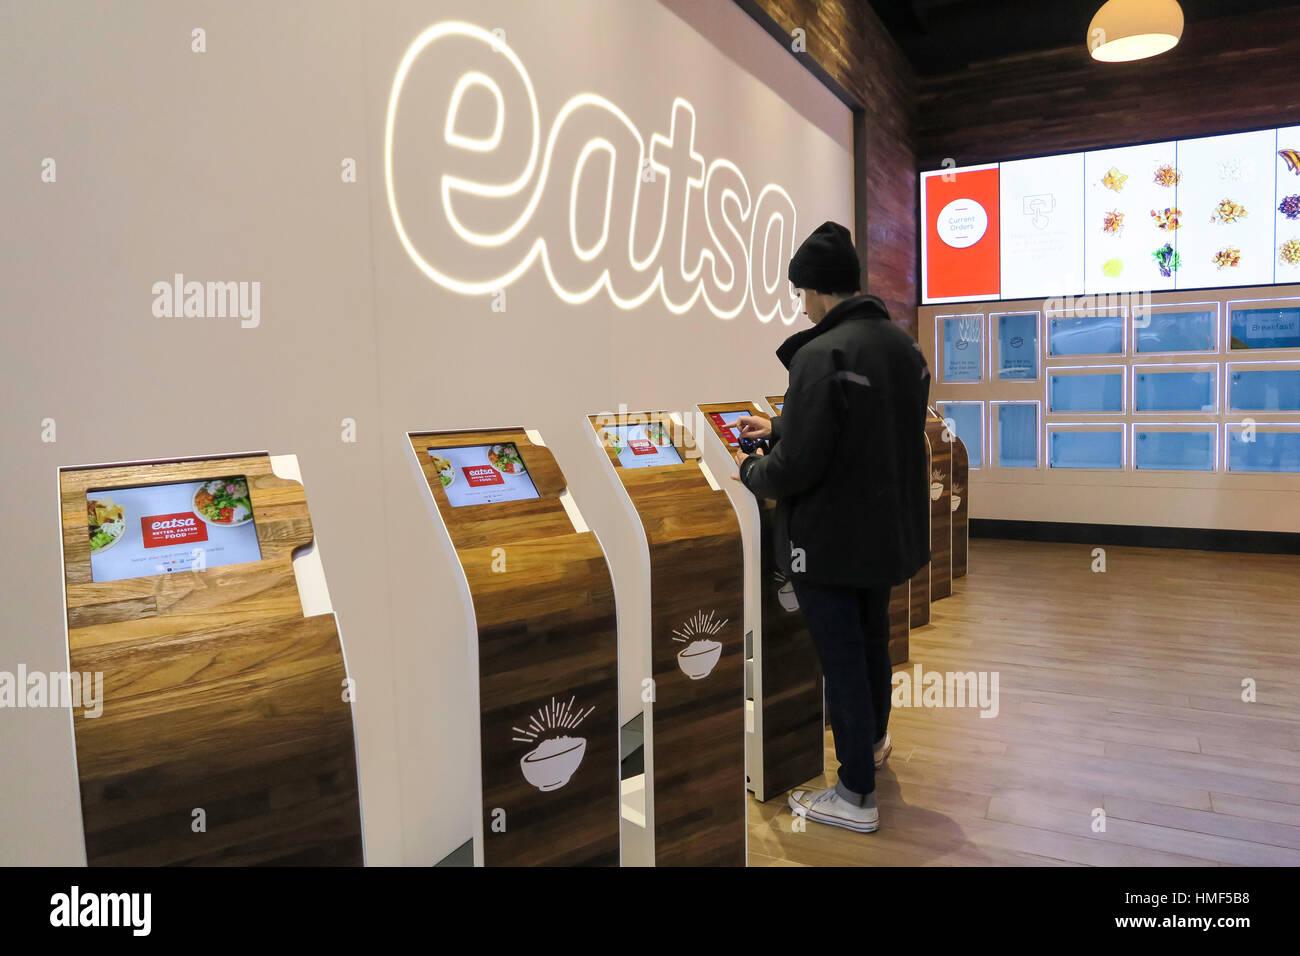 Osten, automatisiert Restaurant, NYC, USA Stockbild